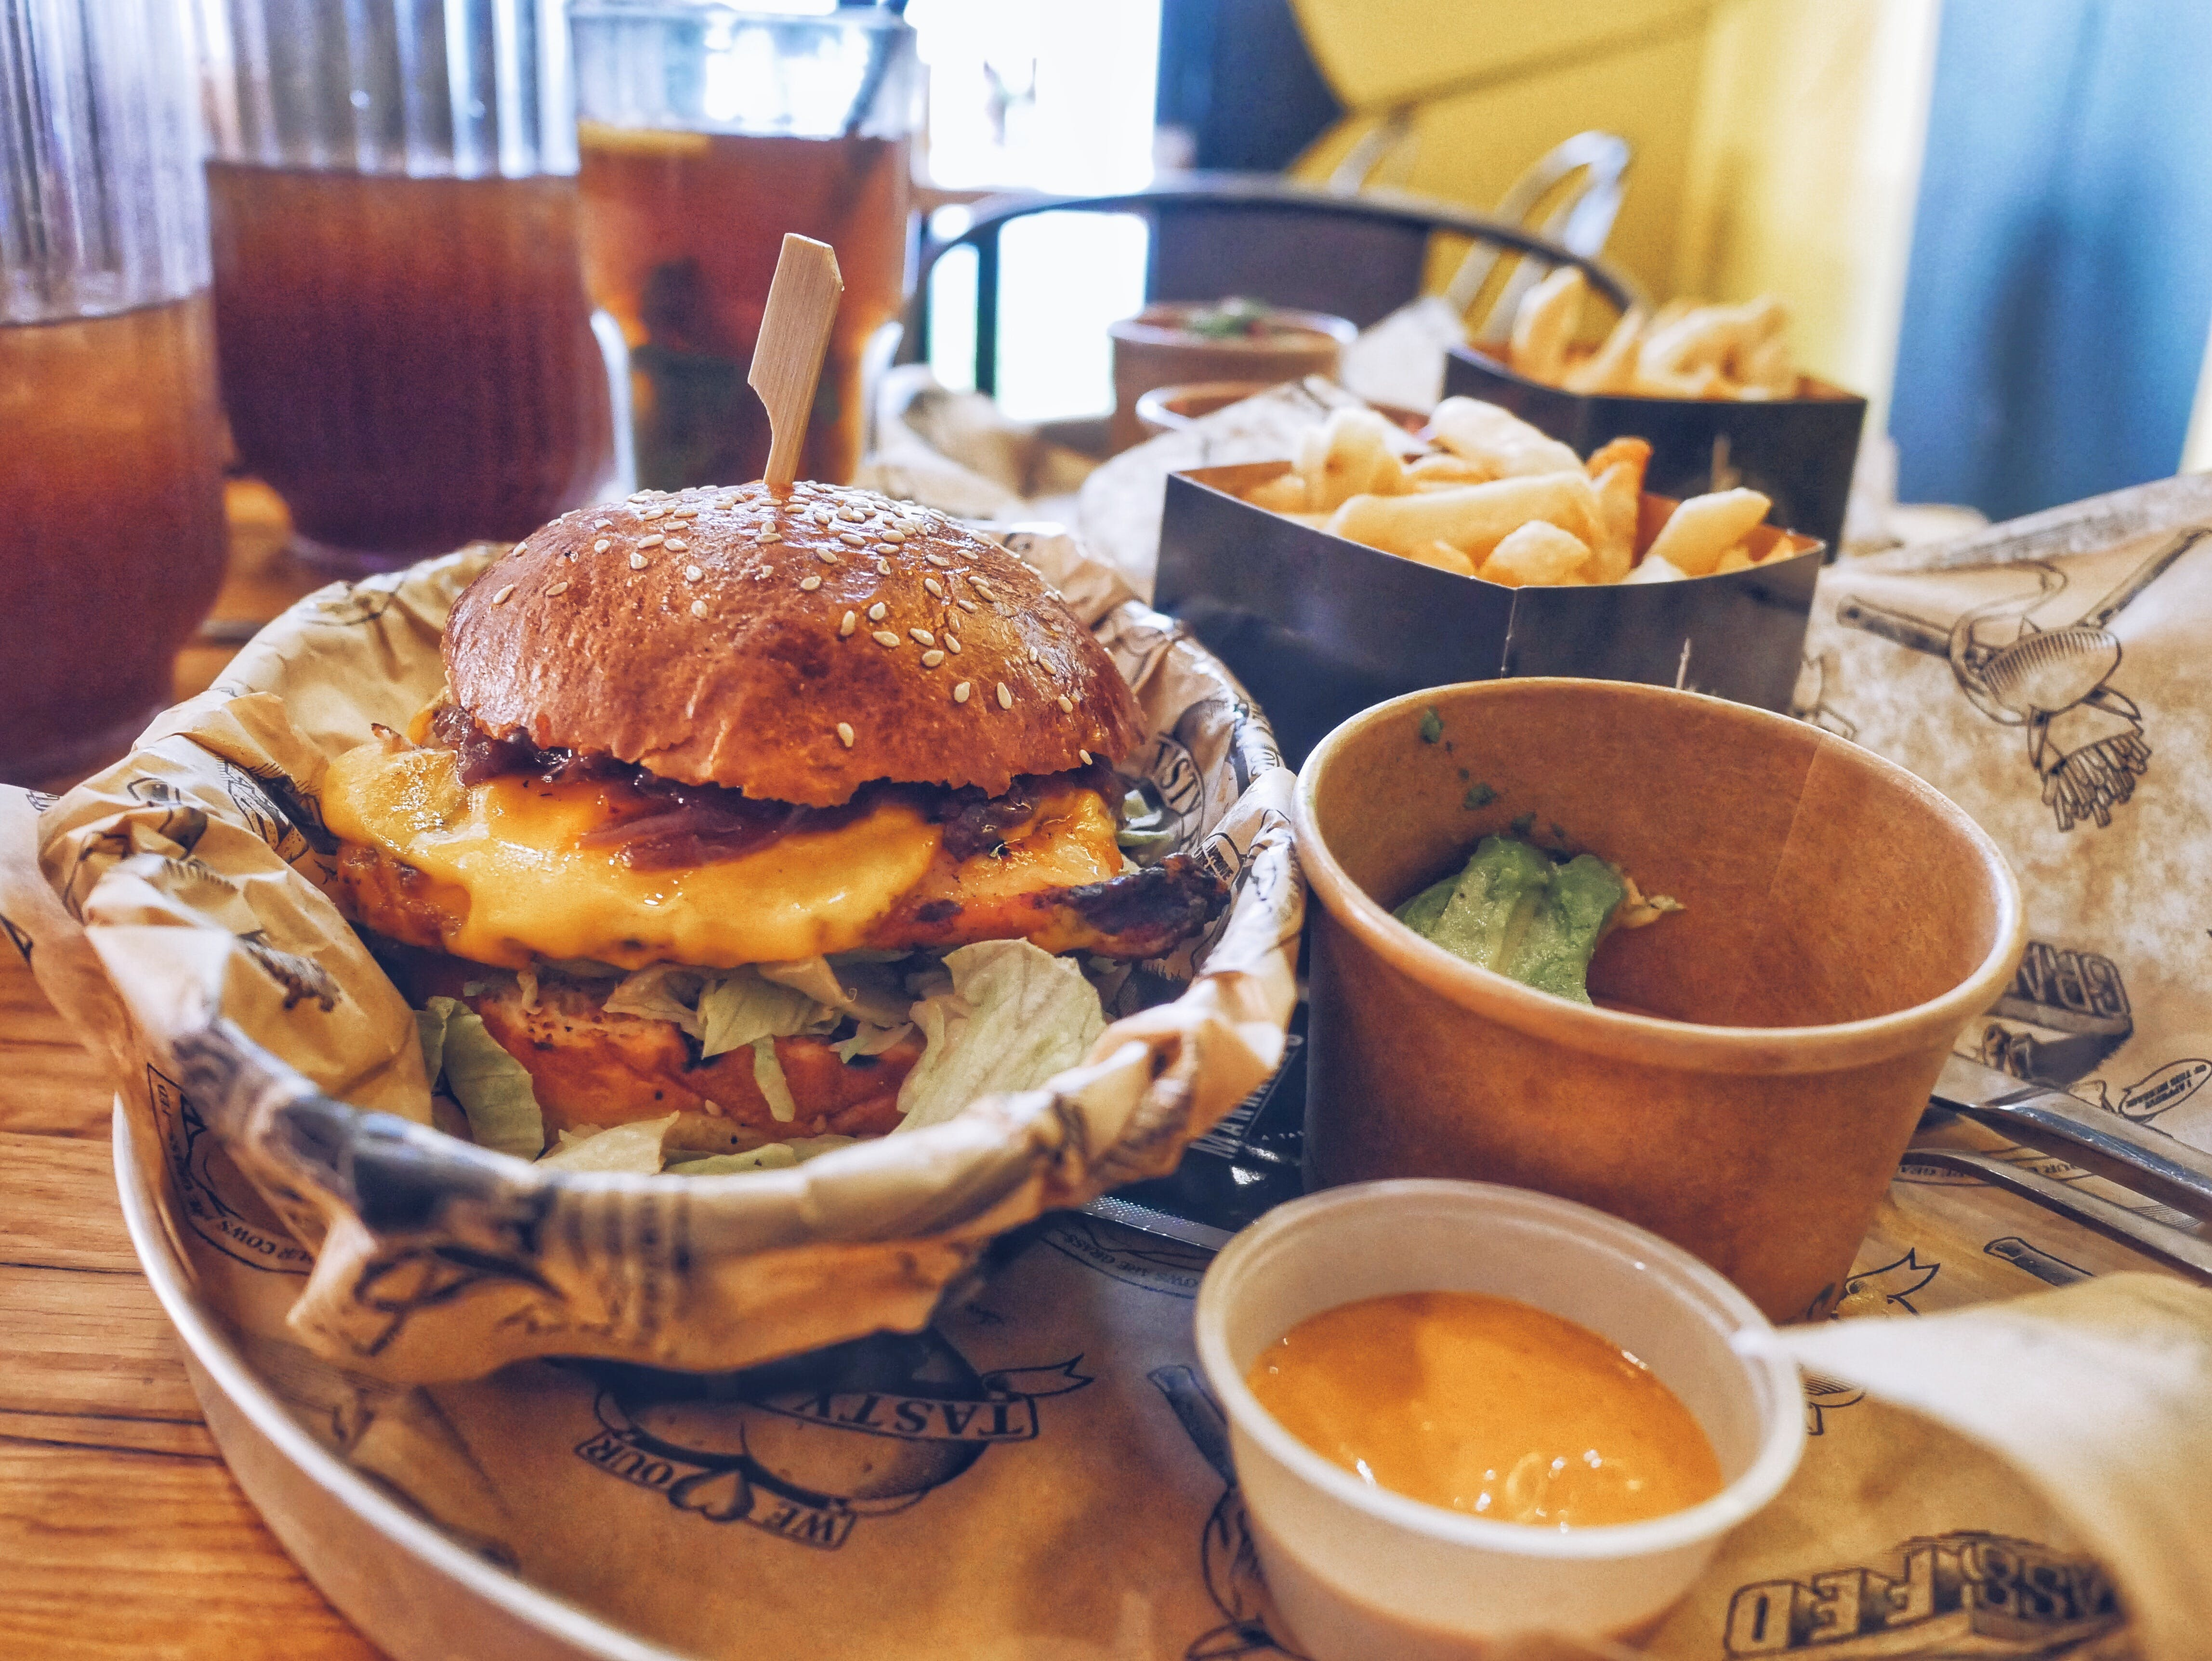 Gratis lagerfoto af bruxelles, Hamburger, kvalitet, mad